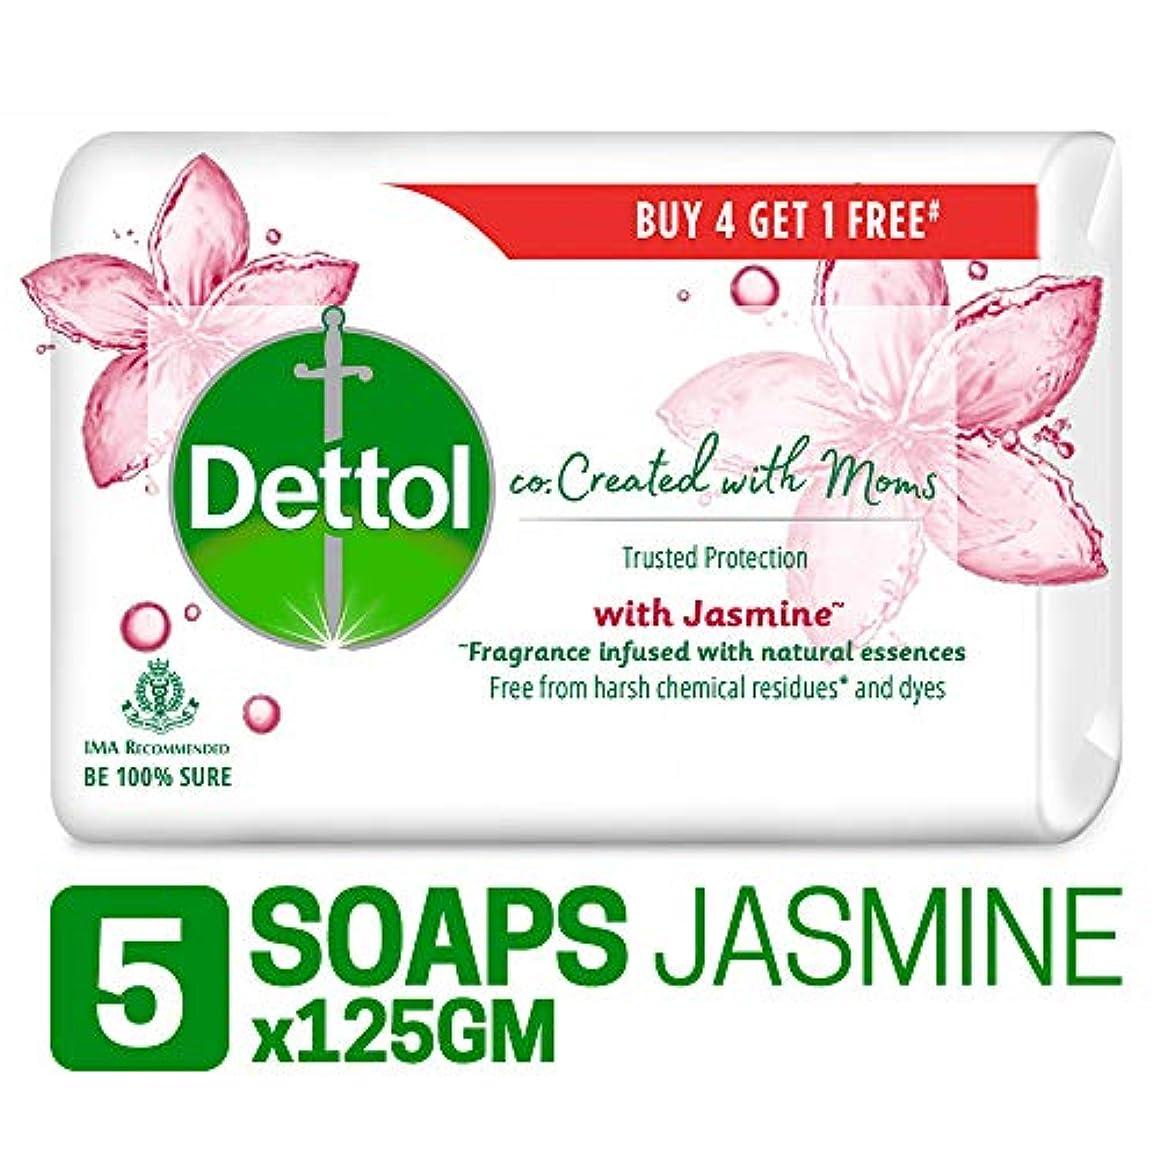 タイプライターこどもの日ハンディキャップDettol Co-created with moms Jasmine Bathing Soap, 125gm (Buy 4 Get 1 Free)